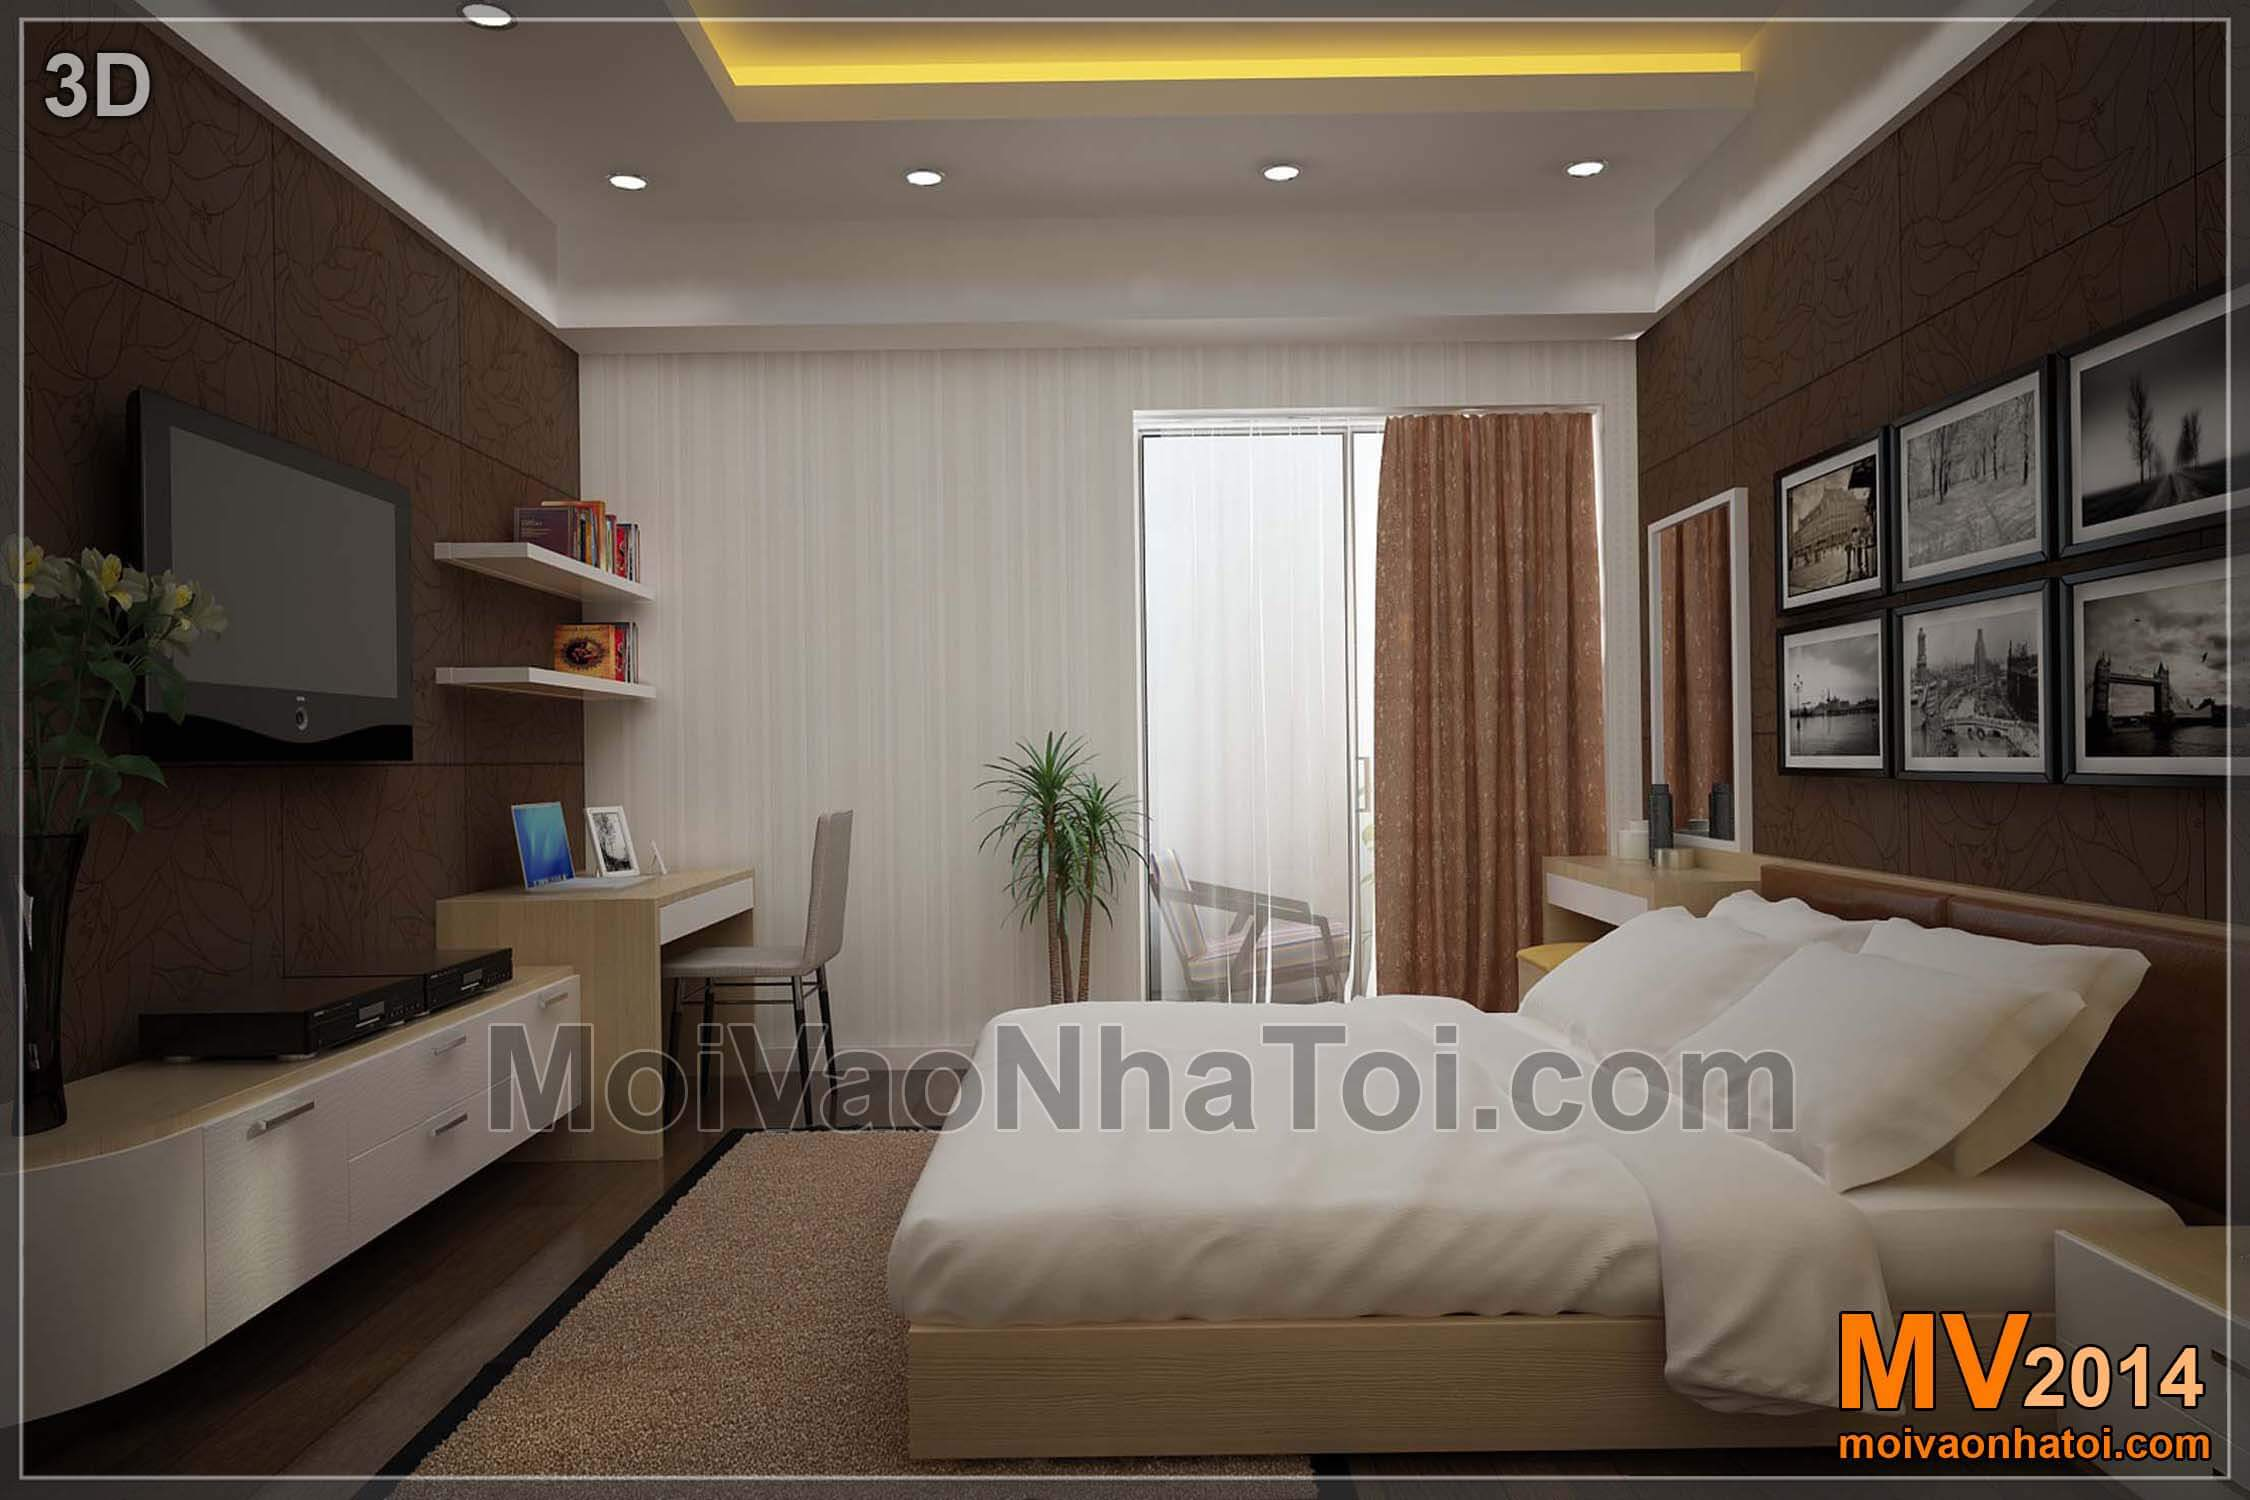 Thiết kế nội thất phòng ngủ bố mẹ trên bản vẽ